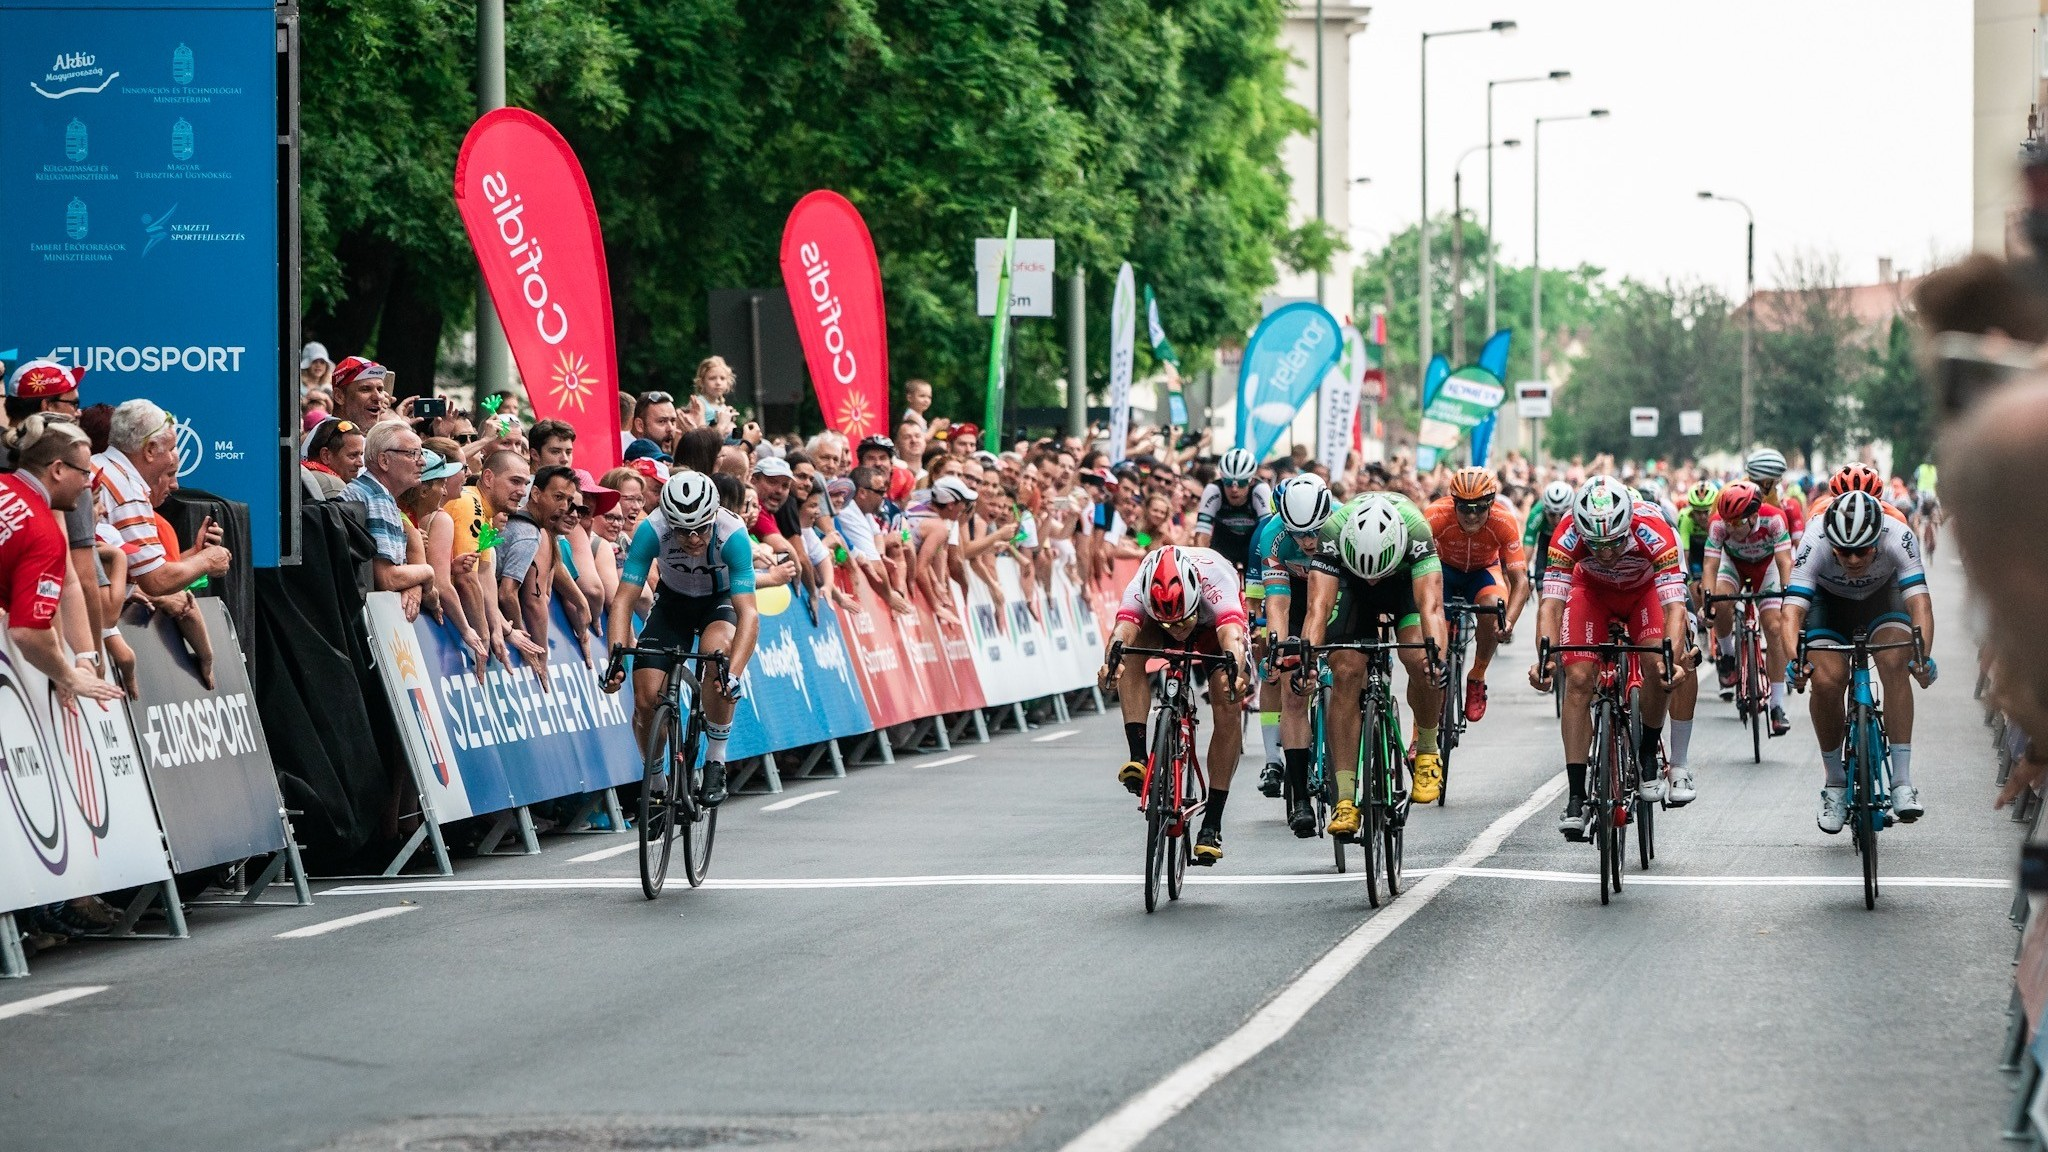 Tour de Hongrie - Neilands a végső győztes, Dina és Valter a dobogón zárt